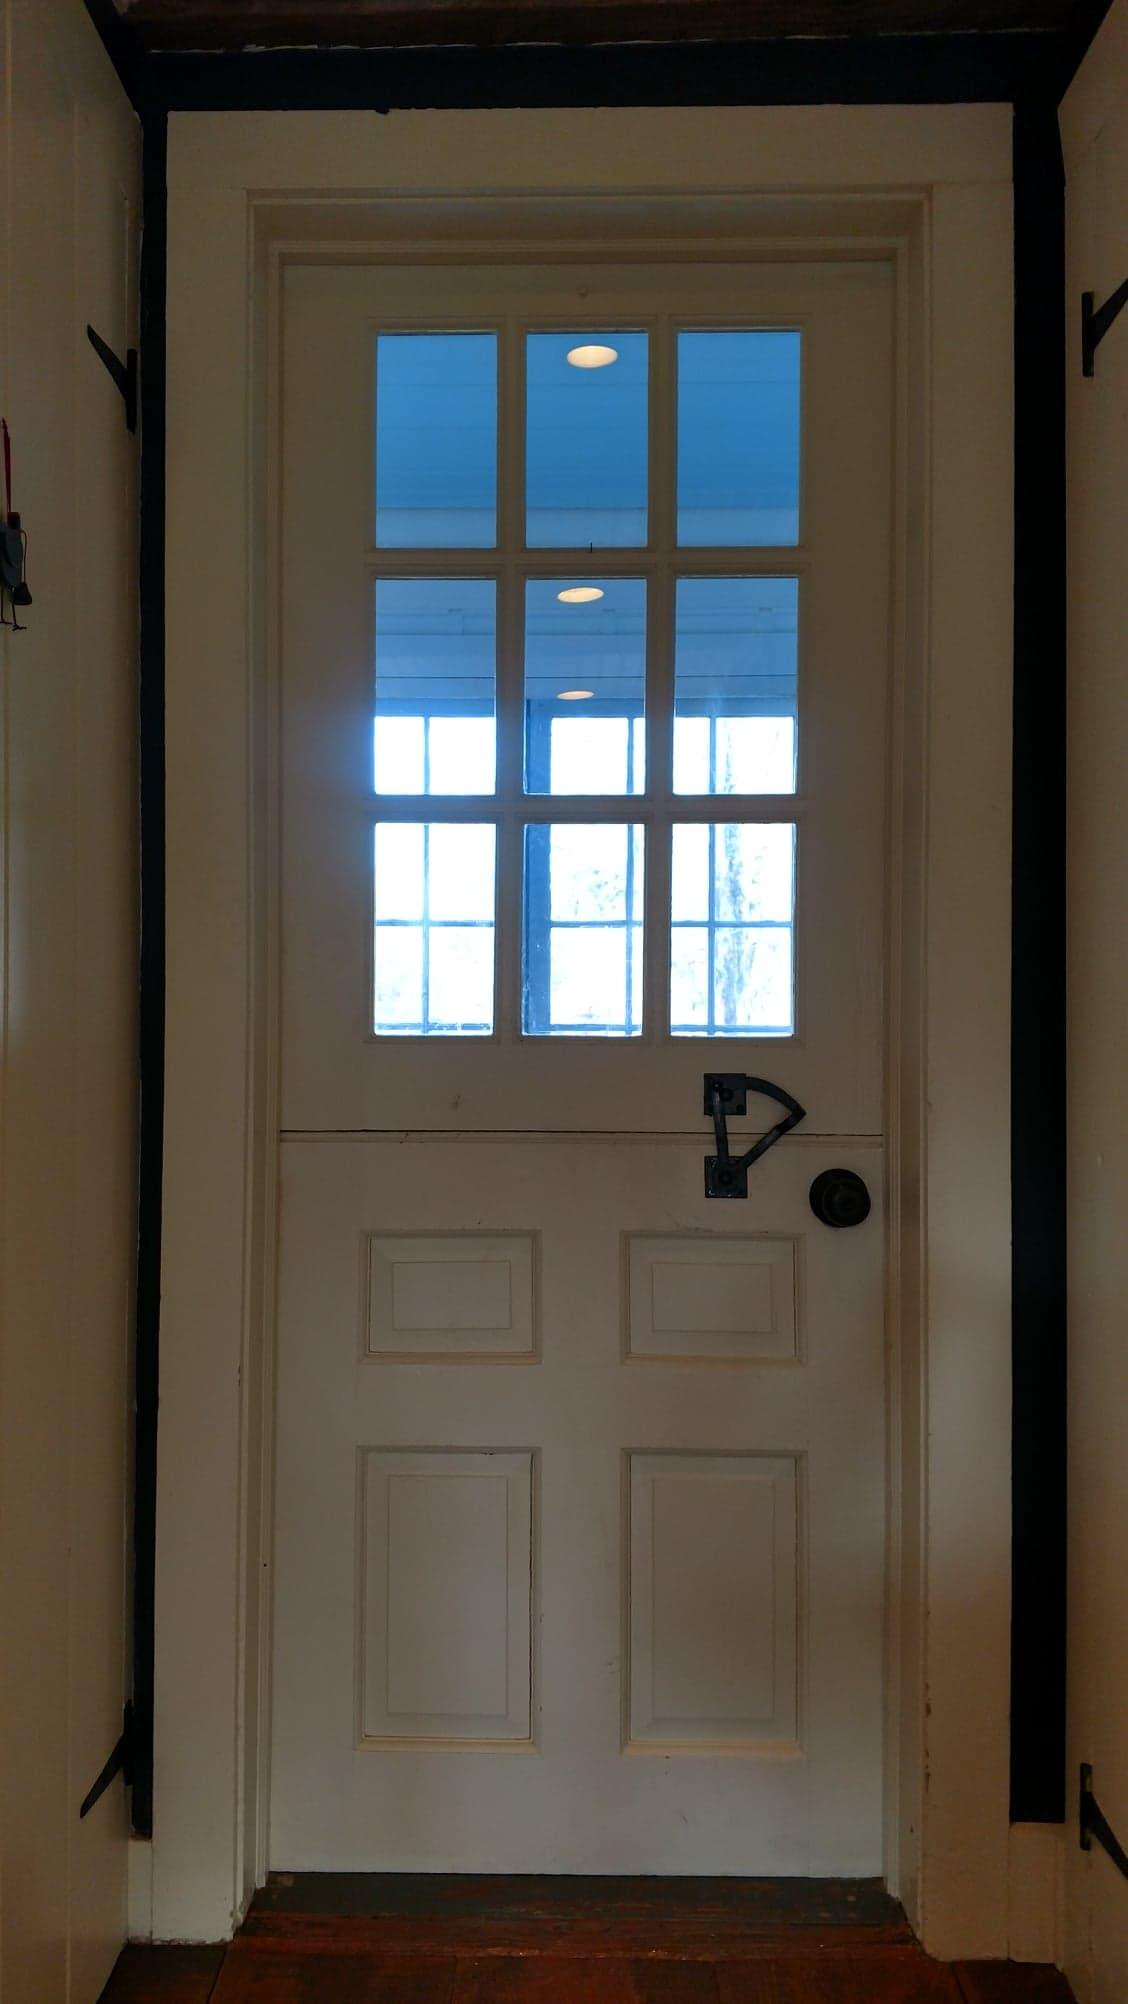 Front Kitchen - Interior View